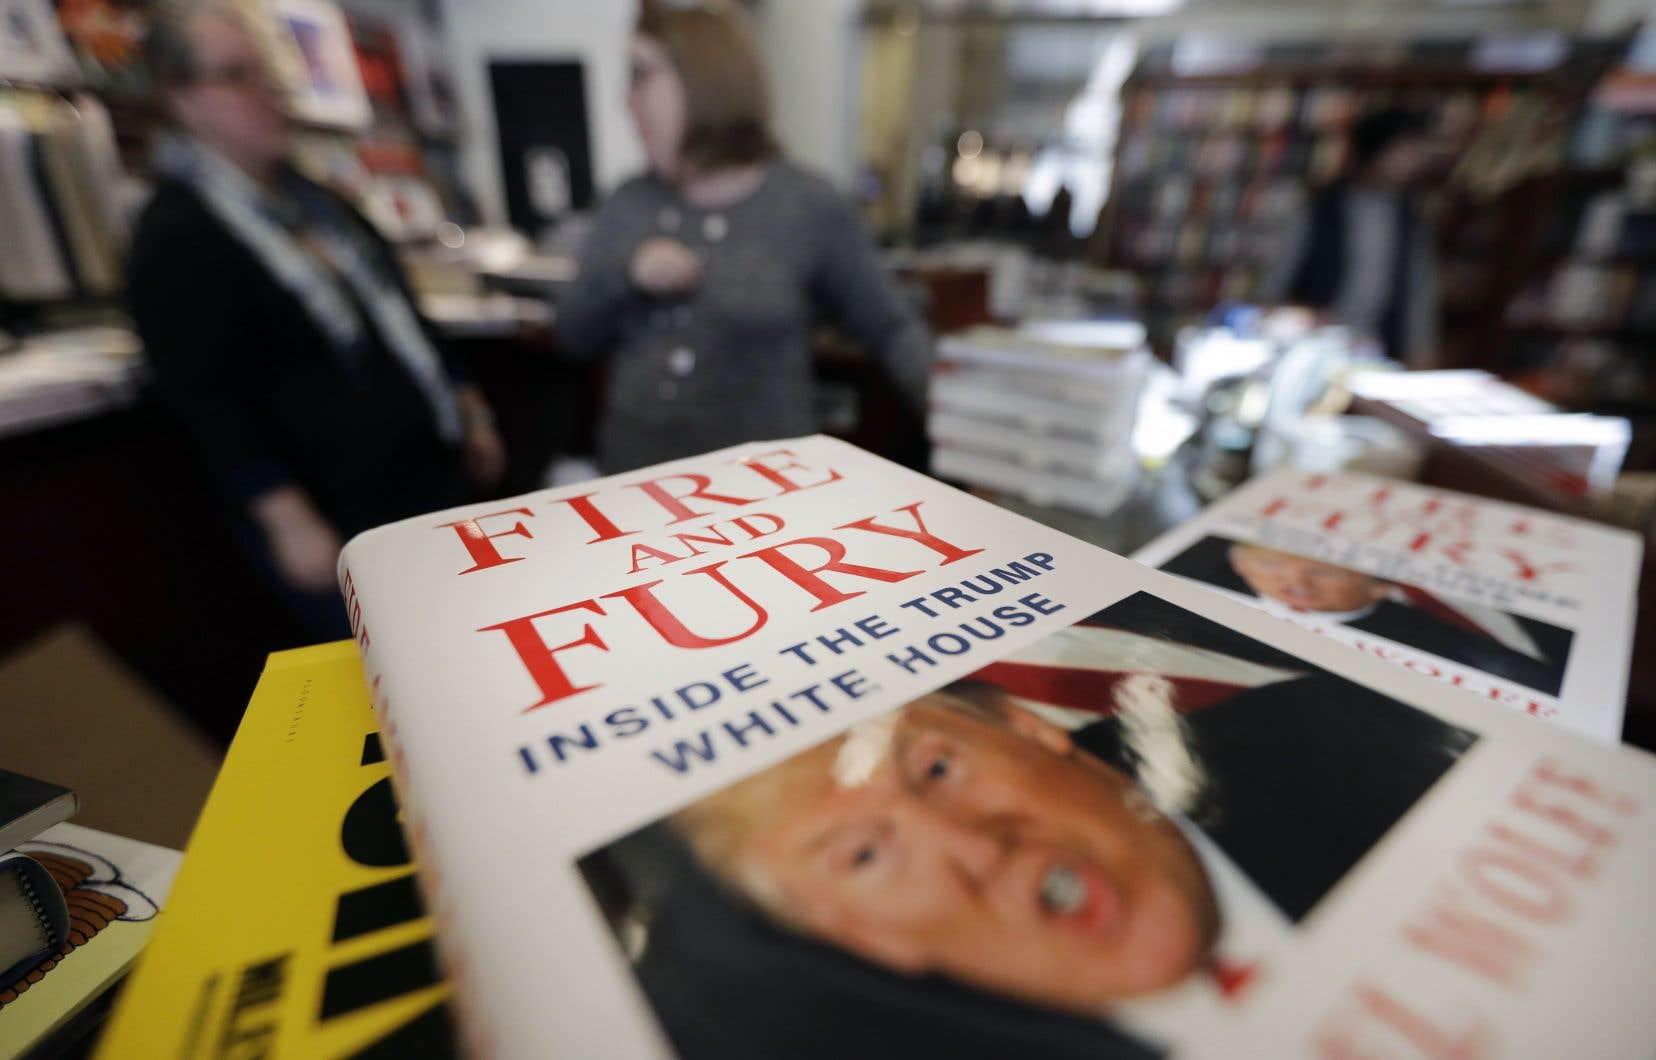 La publication du livre «Fire and Fury: Inside the Trump White House» («Le feu et la fureur: à l'intérieur de la Maison-Blanche de Trump») a suscité la colère de Donald Trump.